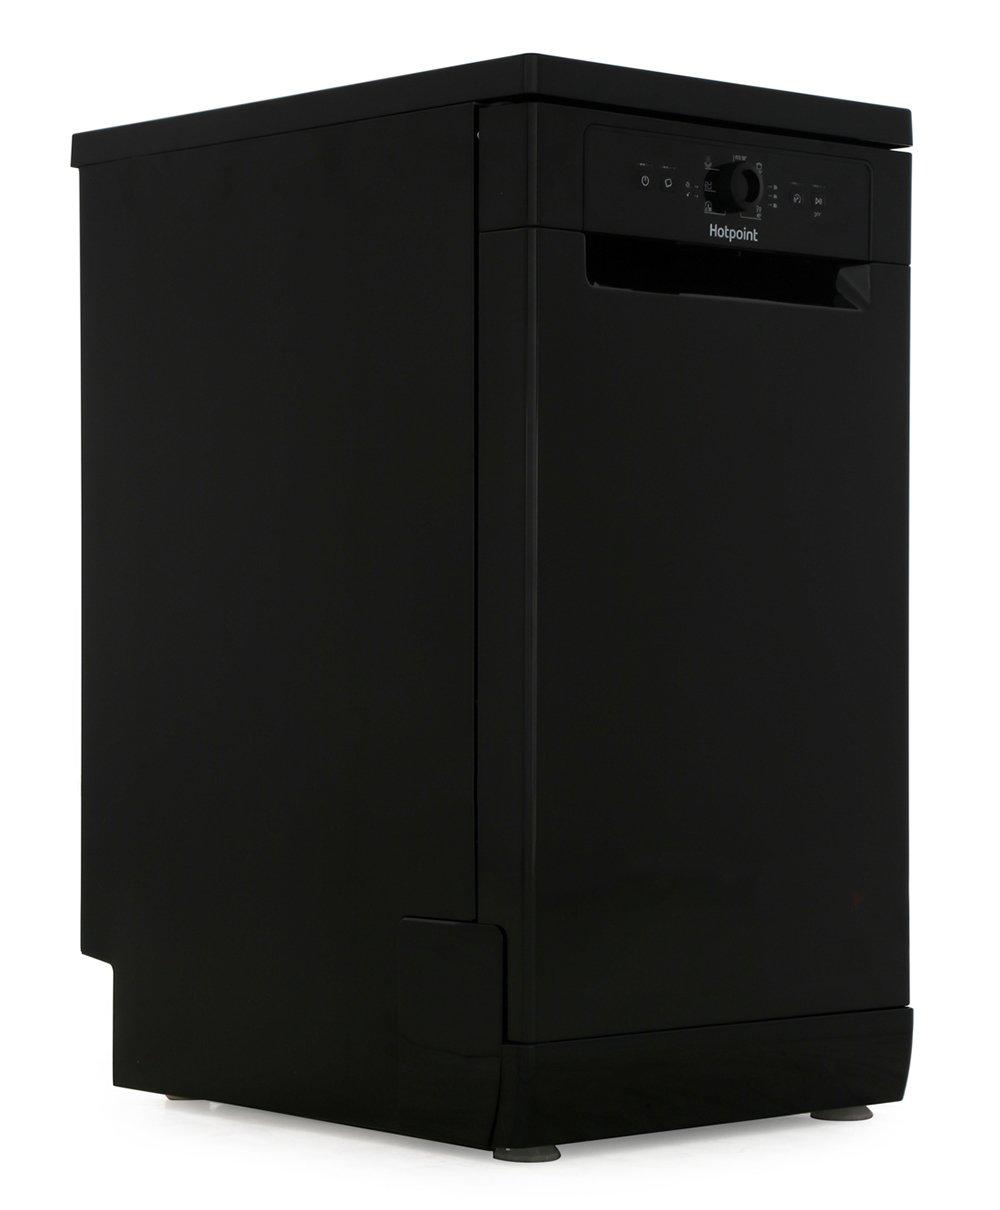 Hotpoint HSFE1B19BUK Slimline Dishwasher